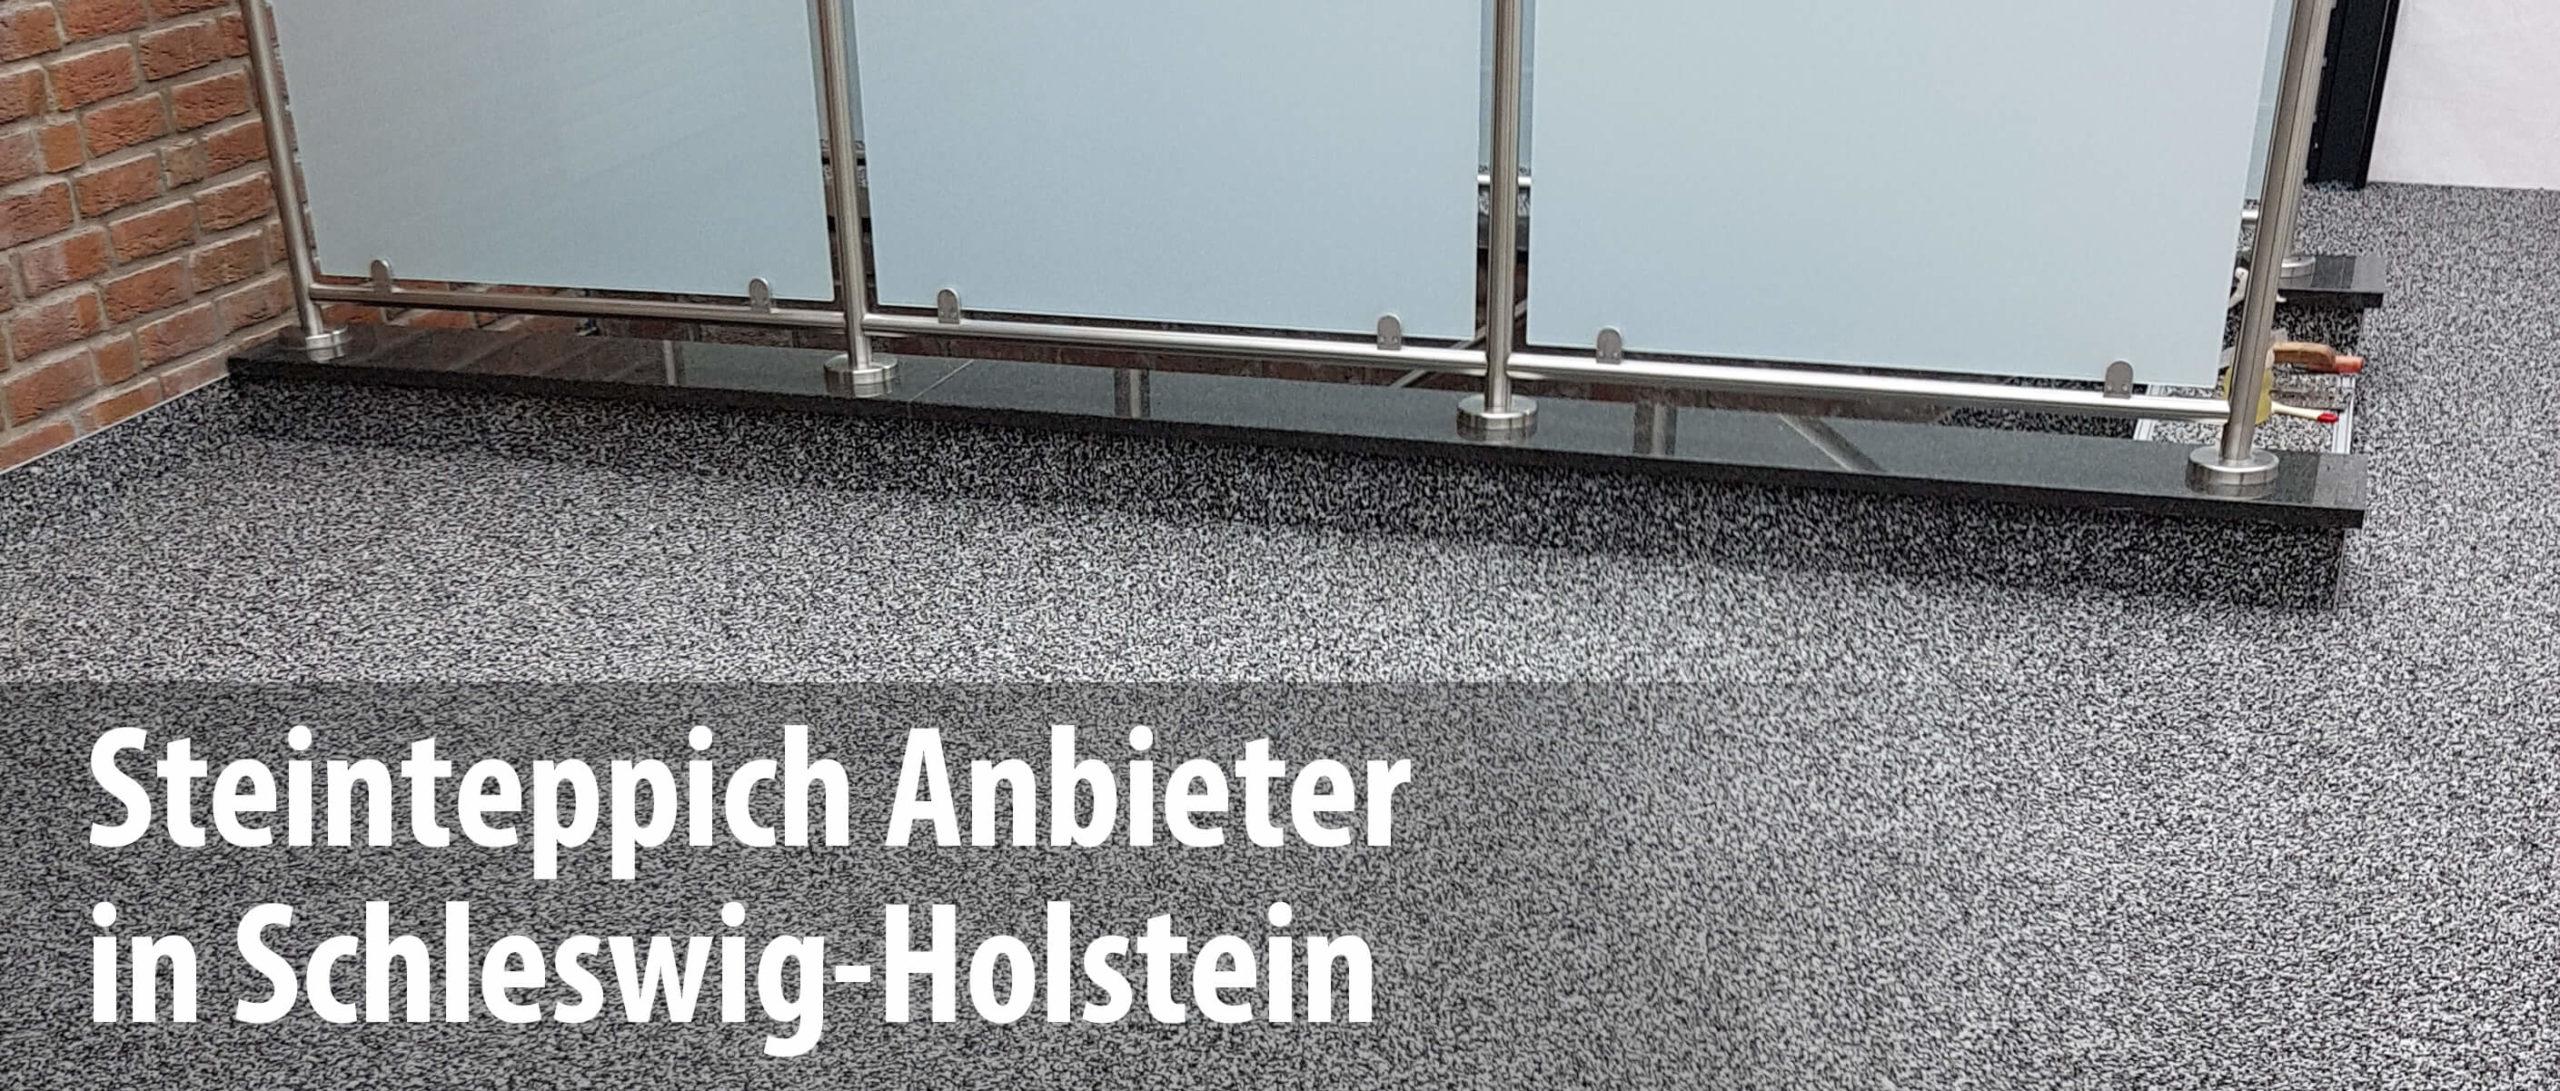 Wir arbeiten mit Steinteppich-Anbietern in Schleswig-Holstein zusammen und bieten mit unseren Partnern die professionelle Sanierung und Abdichtung von Balkonen und Terrassen.